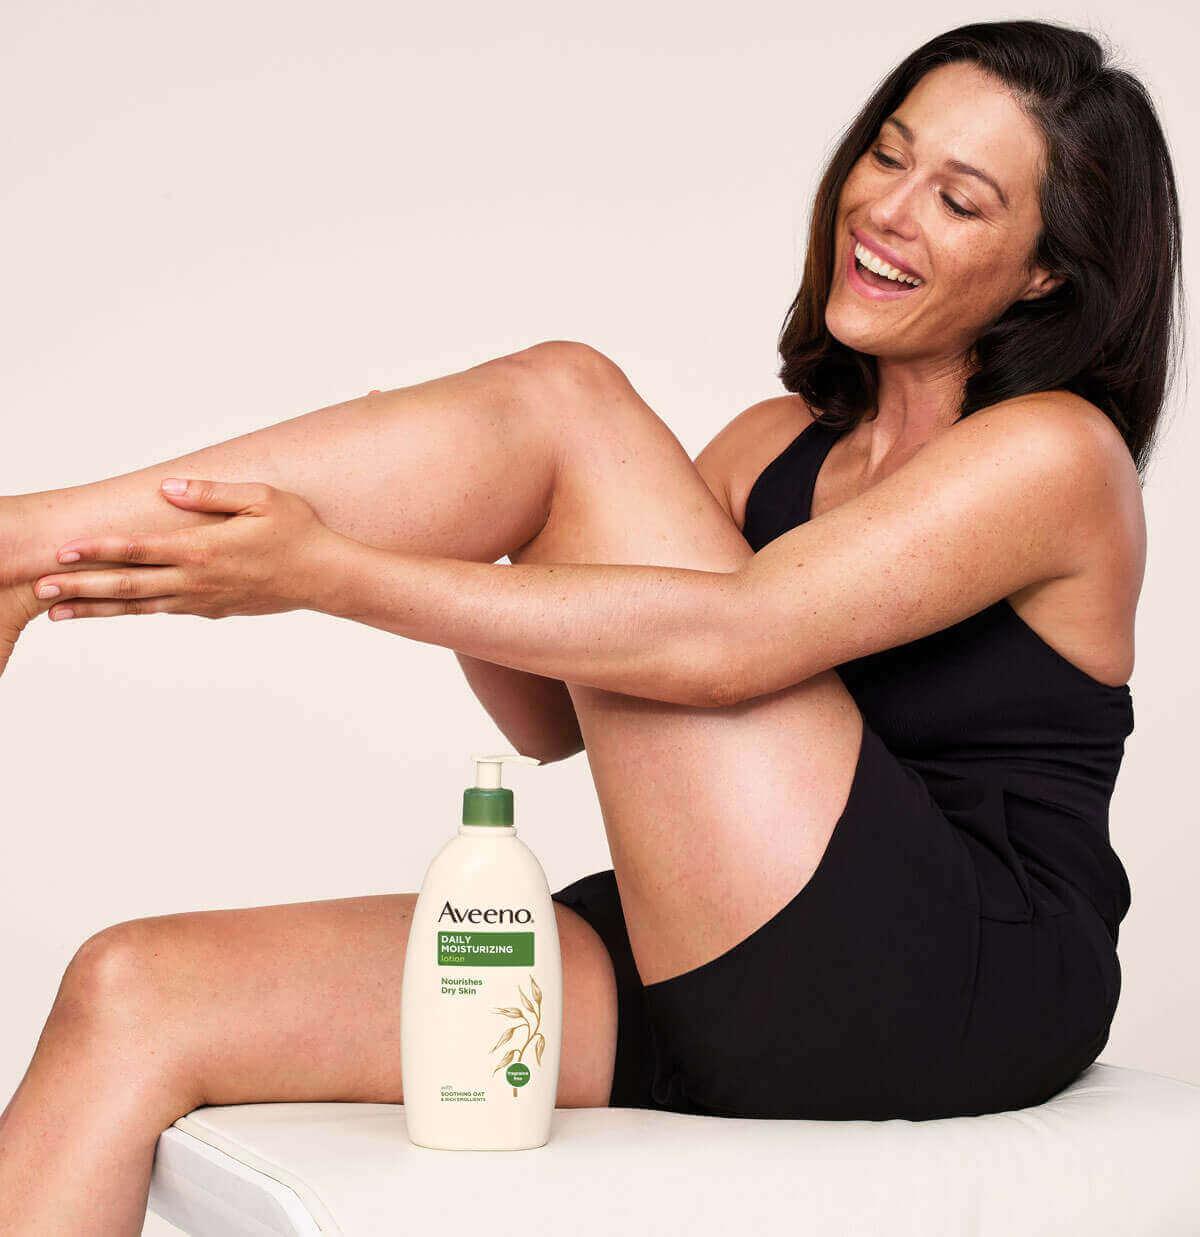 donna che utilizza una crema corpo aveeno per pelli secche sulle gambe